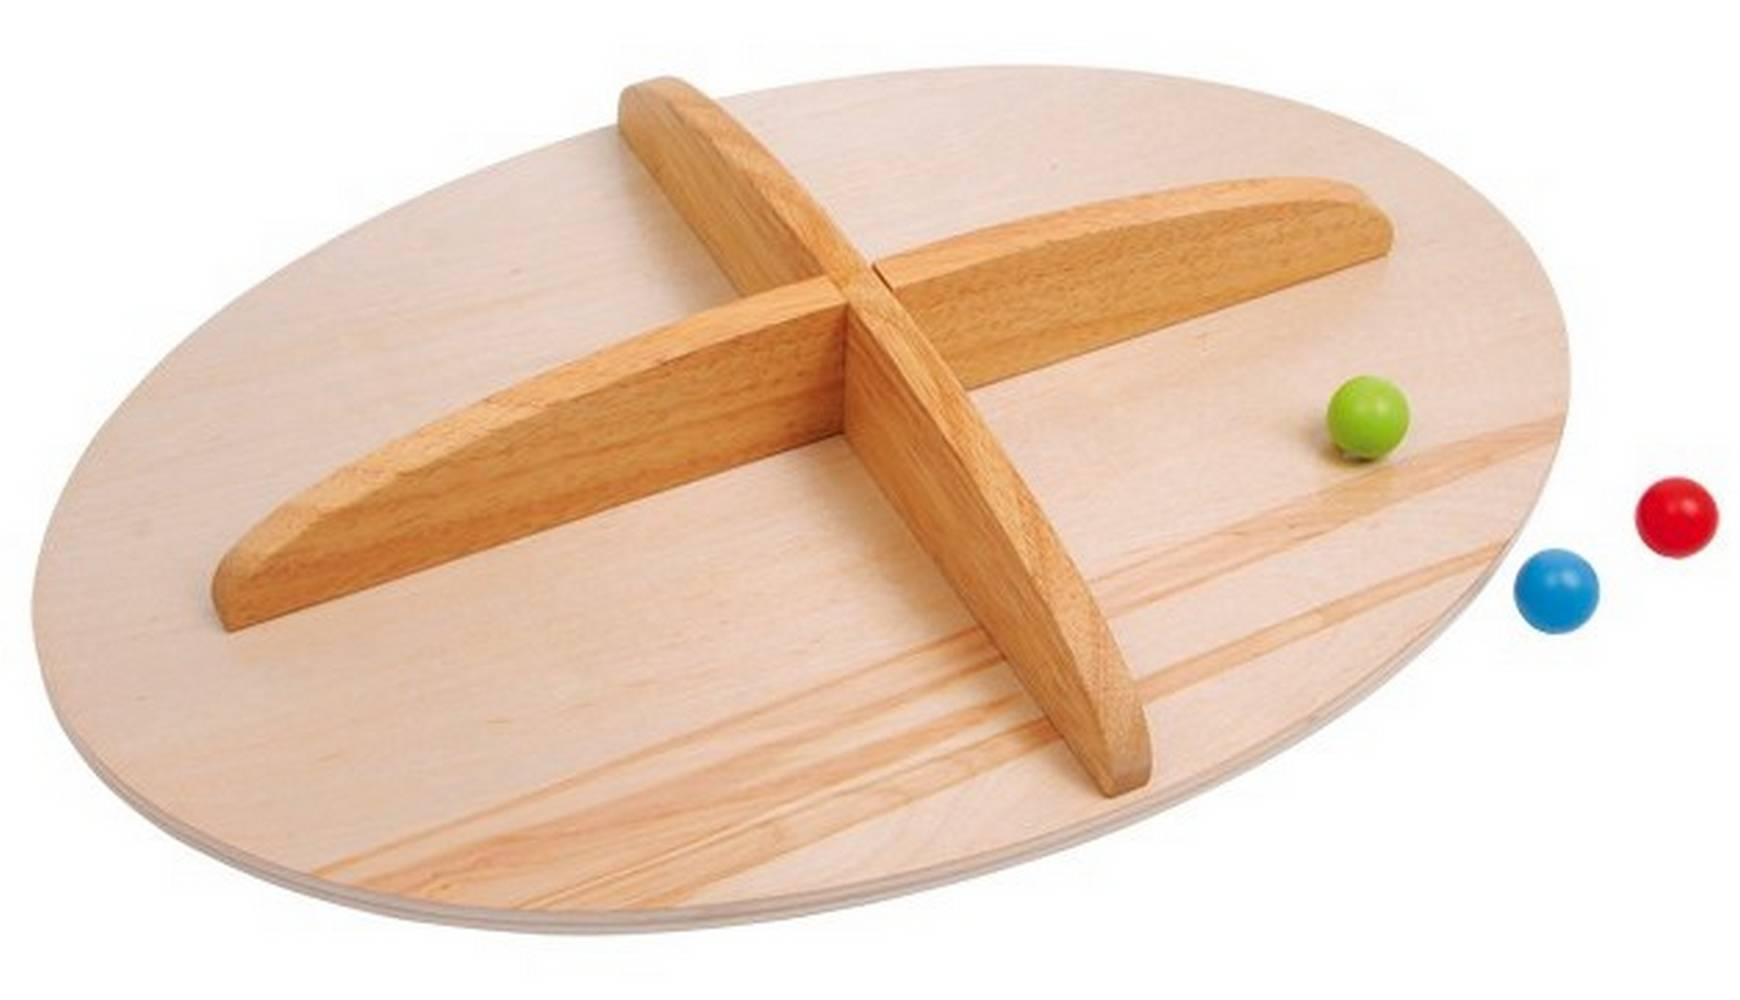 la planche d 39 quilibre jbd jouets en bois. Black Bedroom Furniture Sets. Home Design Ideas